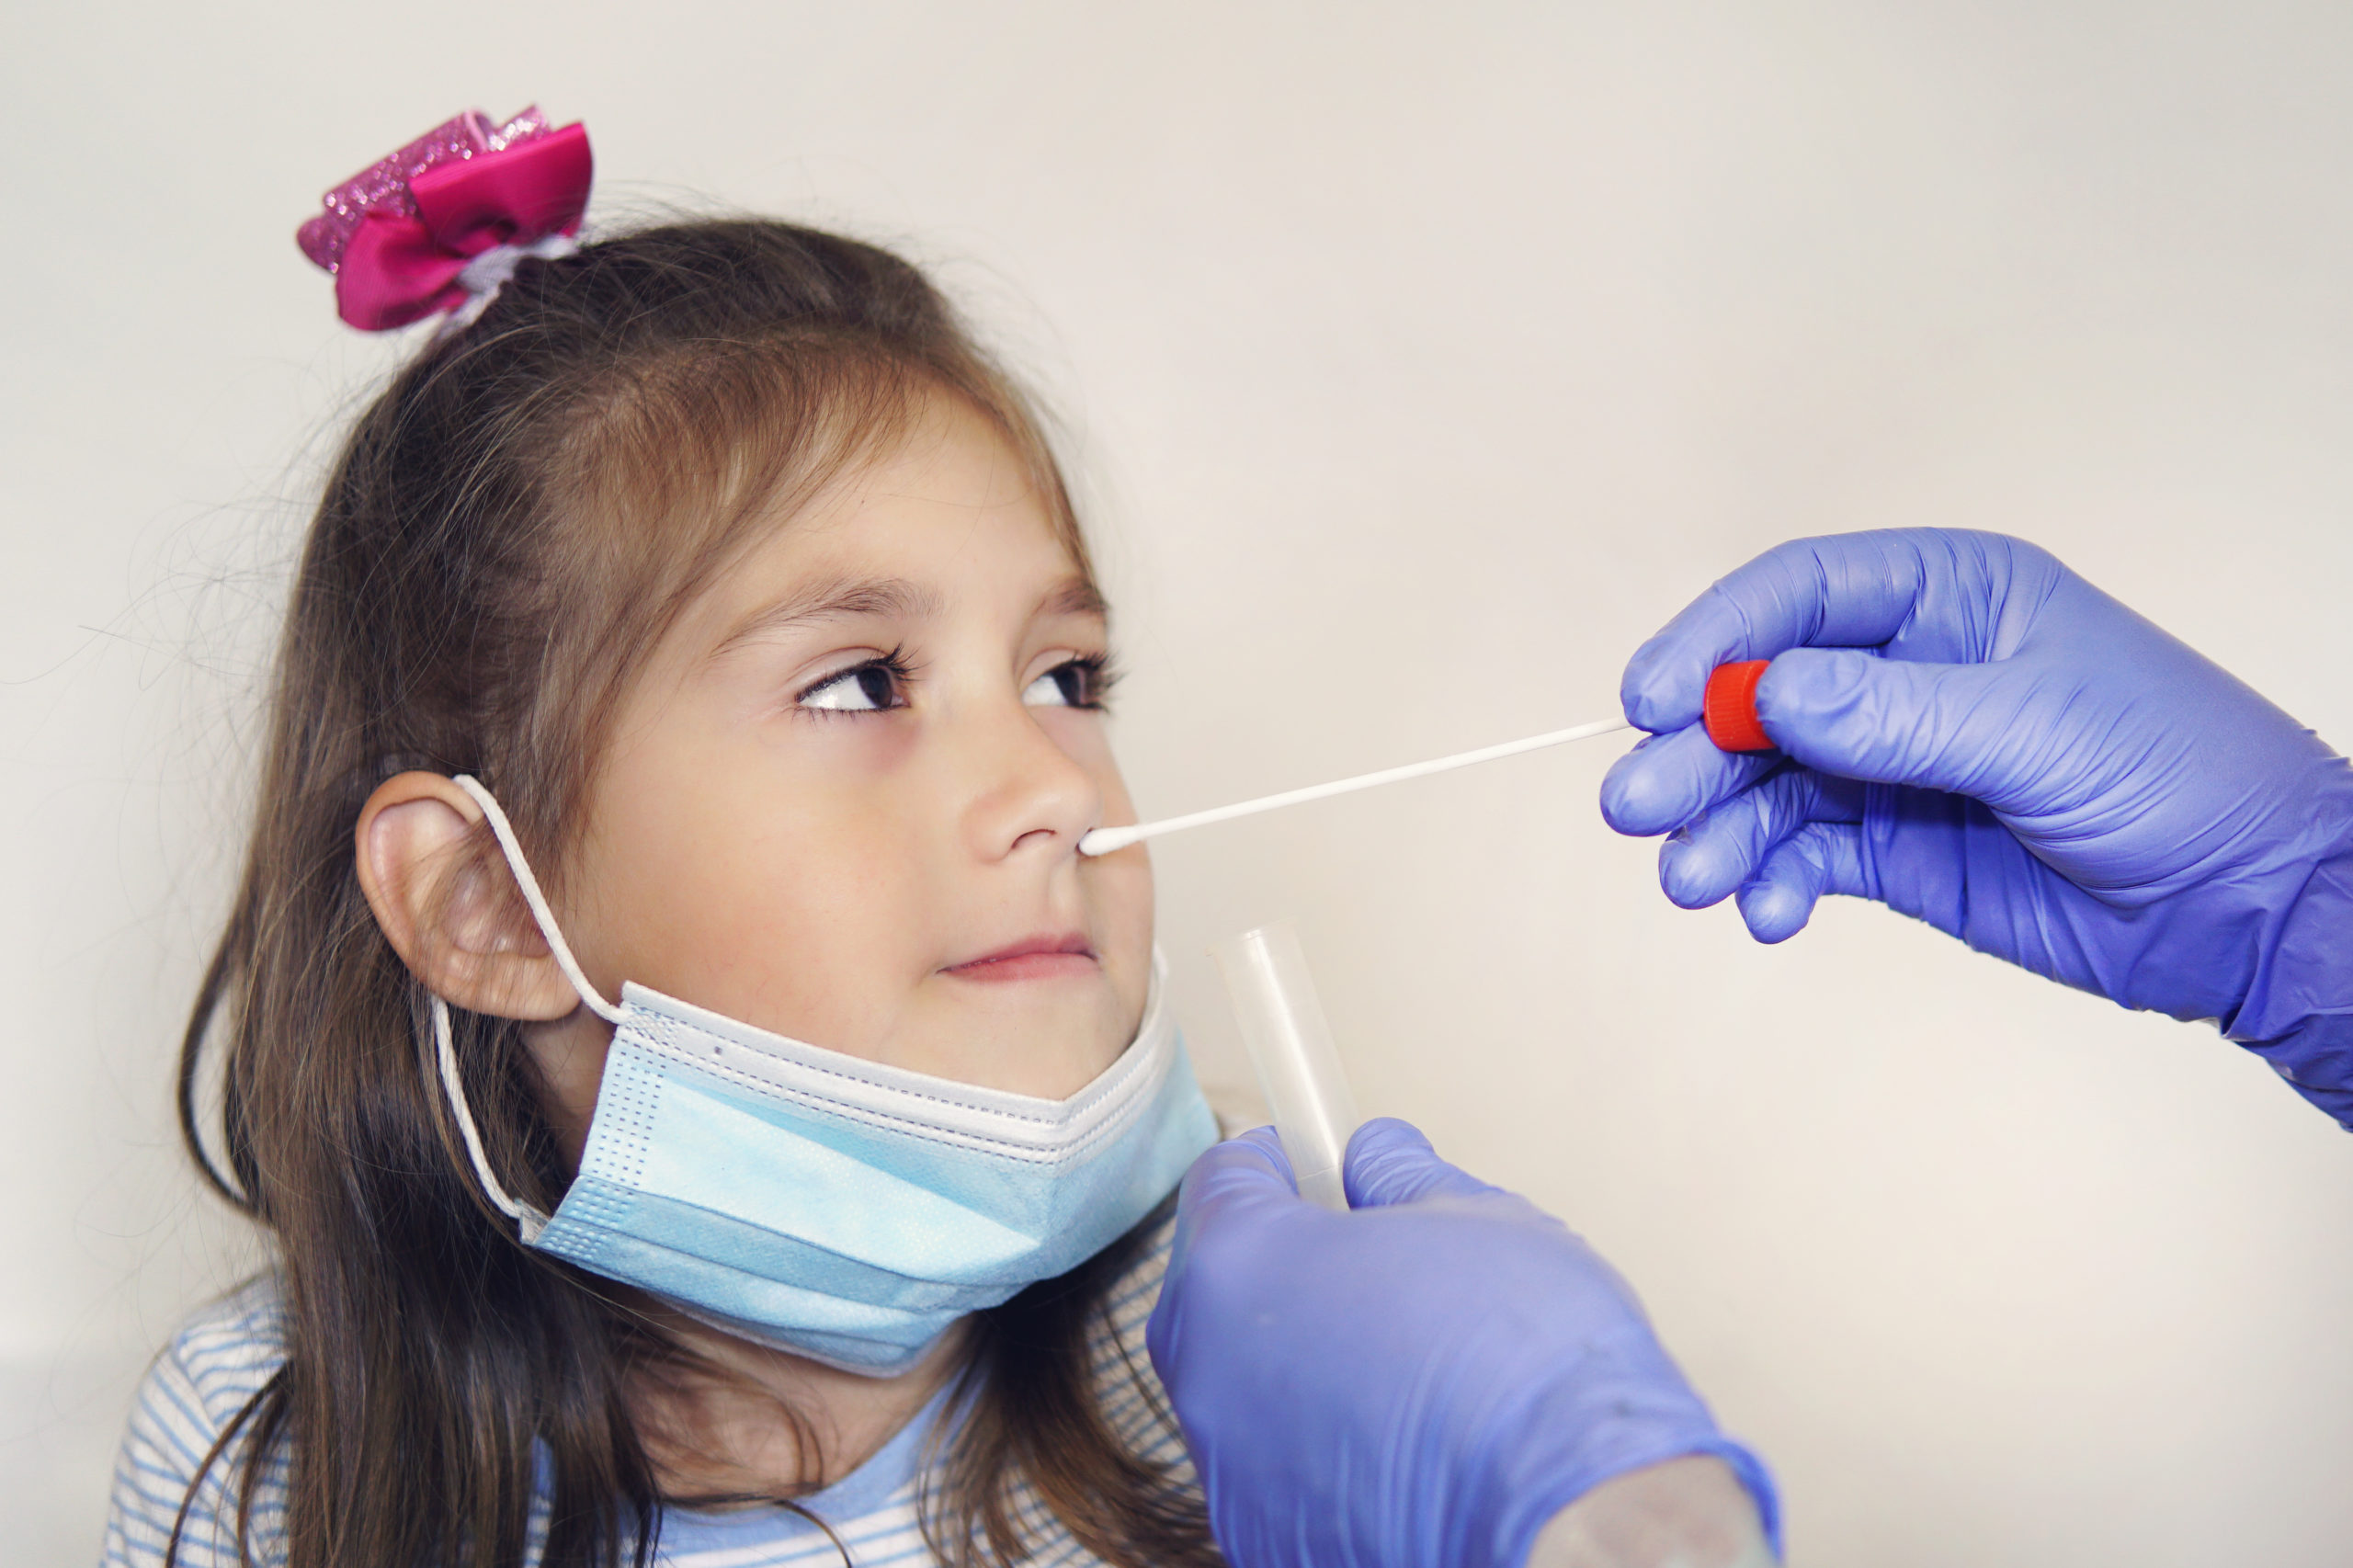 Koronavírus teszt gyerekeknek a gyakorlatban